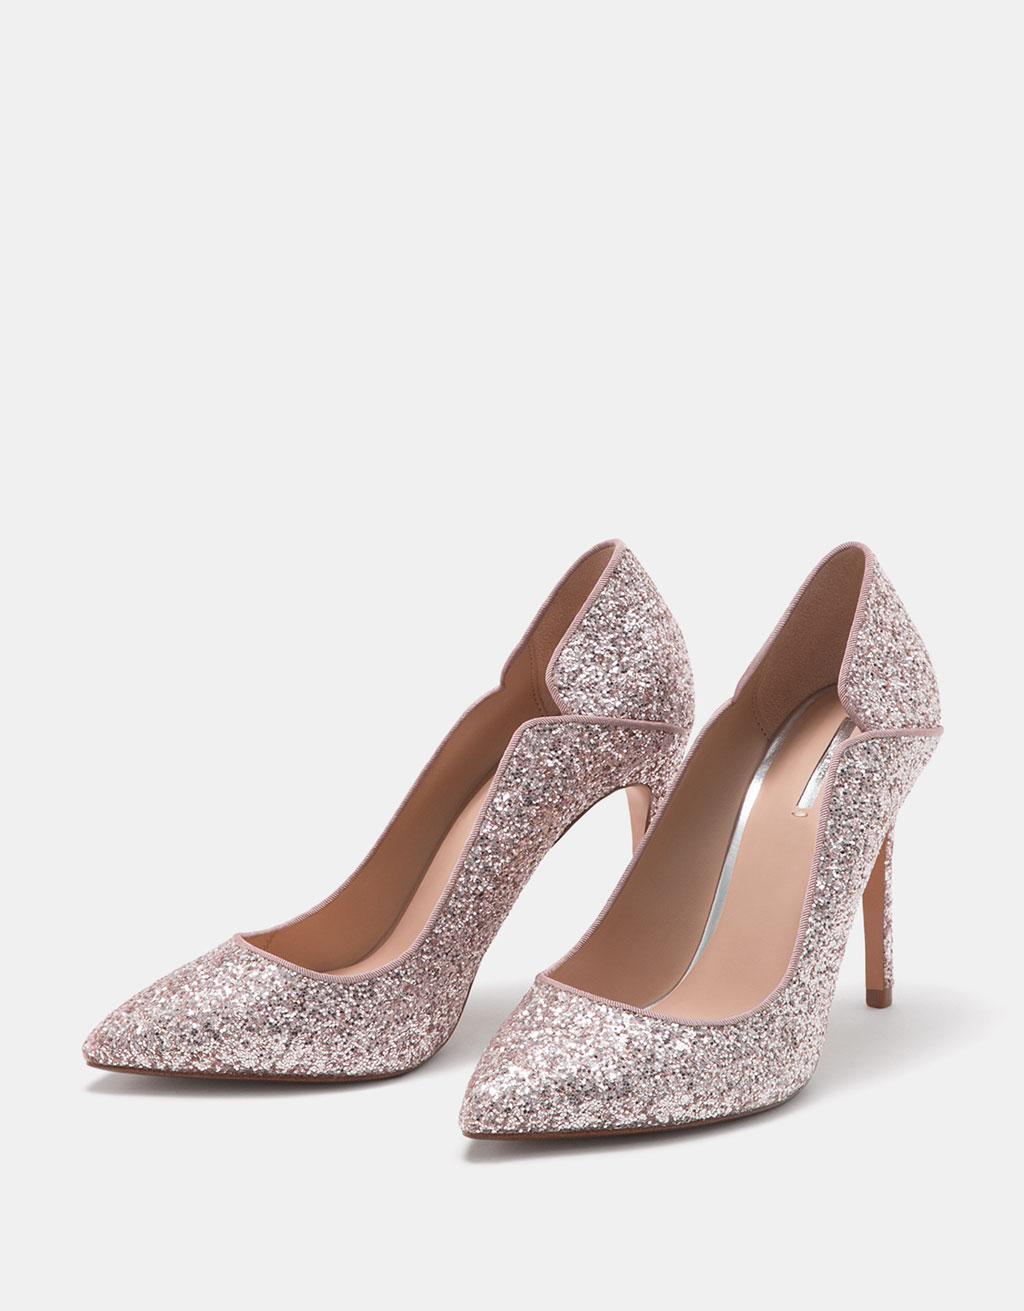 Glänzende Schuhe mit feinem Absatz.